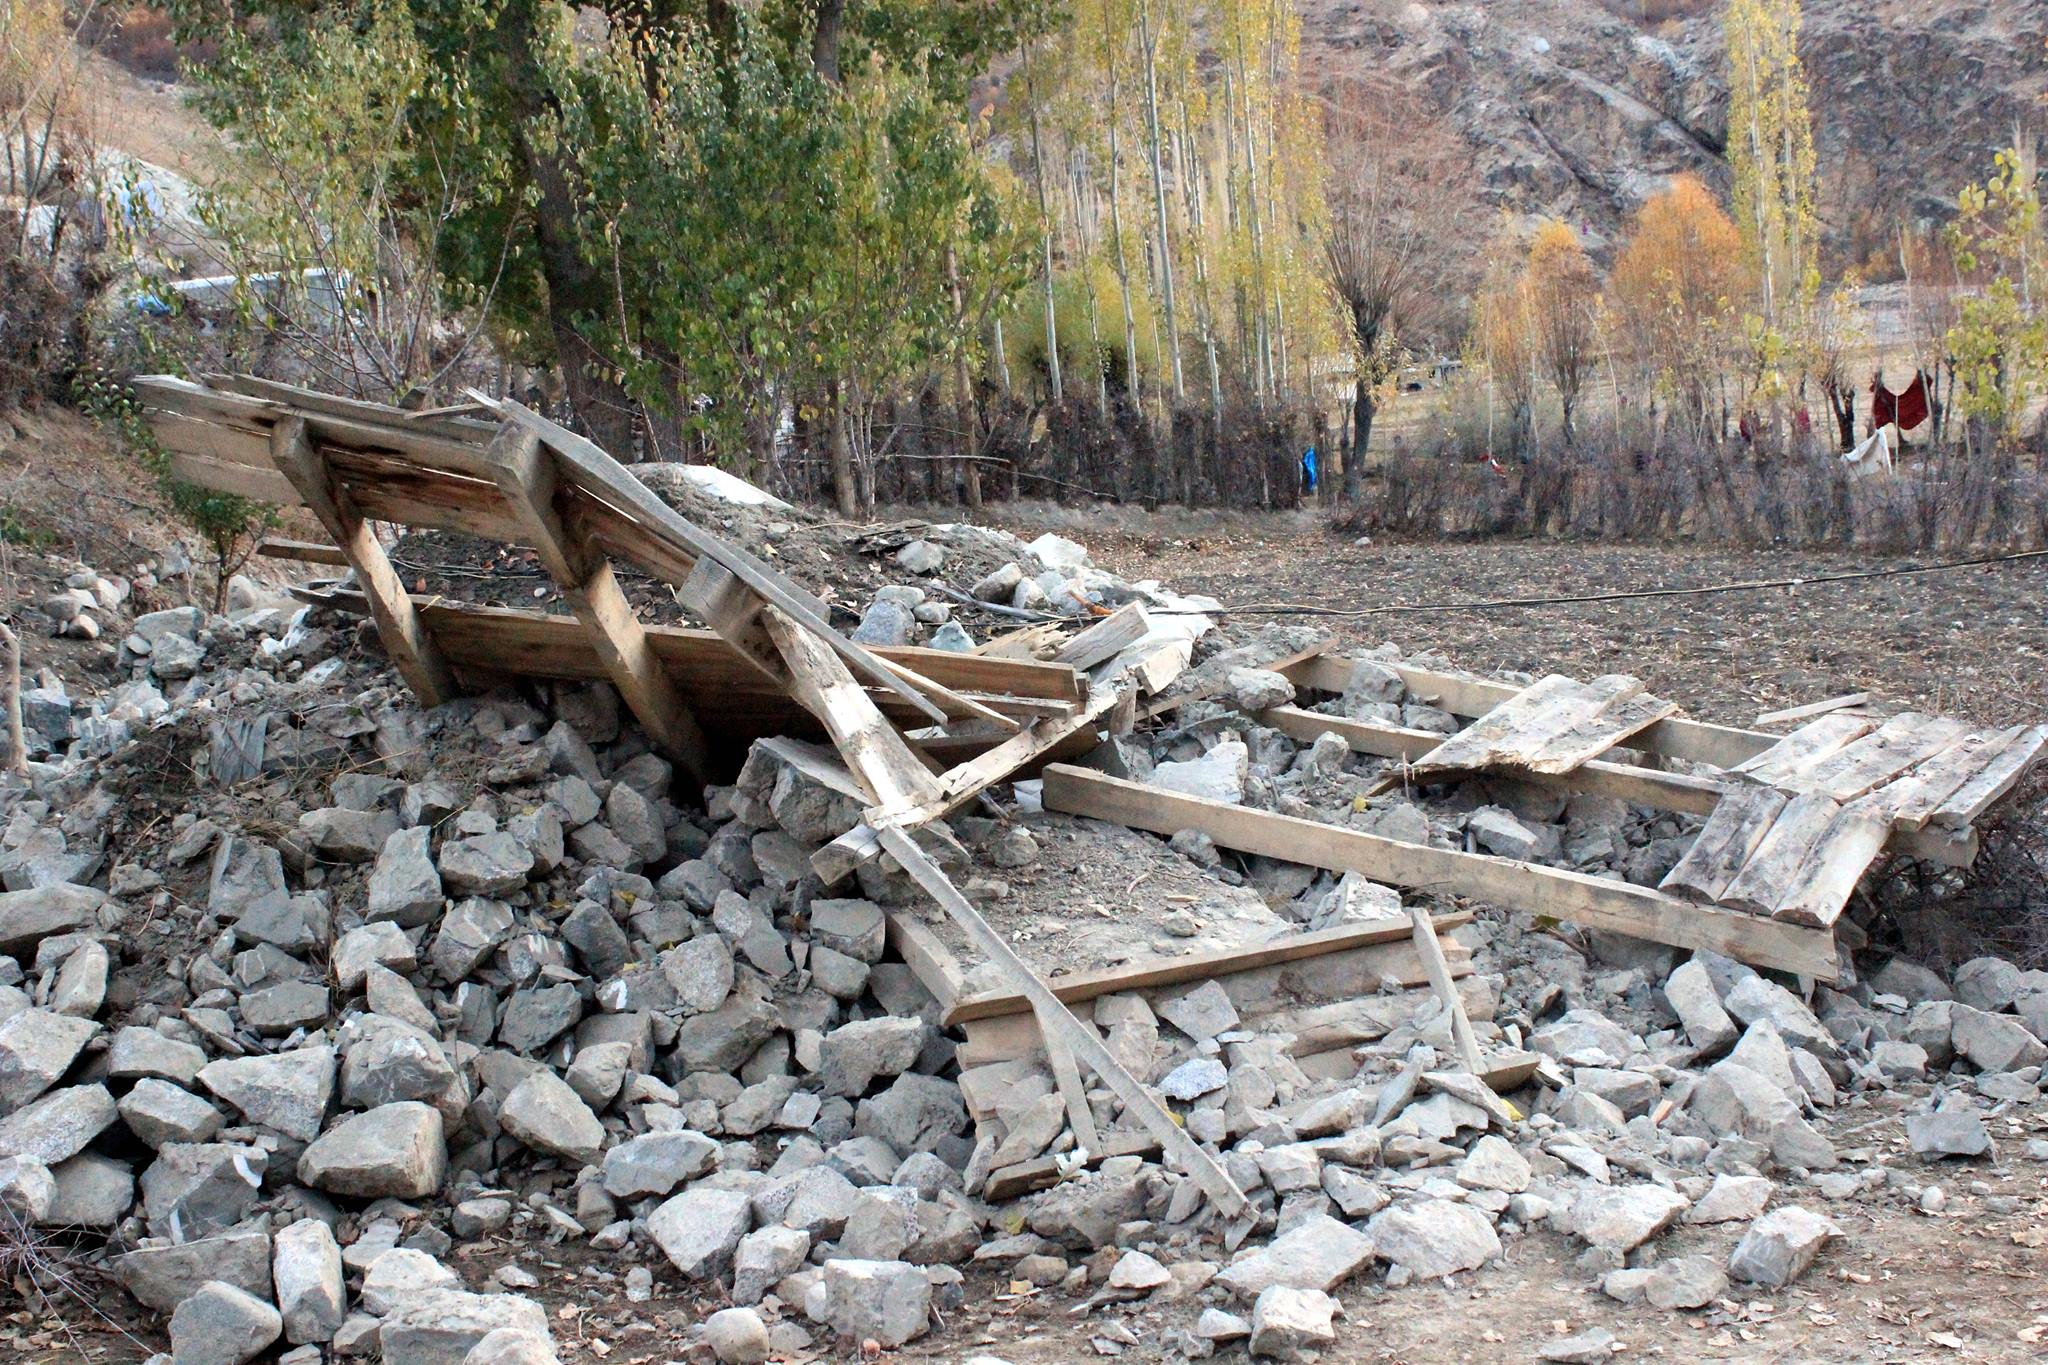 جسم پر زخموں کے نشان نہیں ہیں، زلزلے کے دوران دل کا دوہ پڑنے سے جان بحق ہونے والی خاتون کو معاوضہ نہ مل سکا